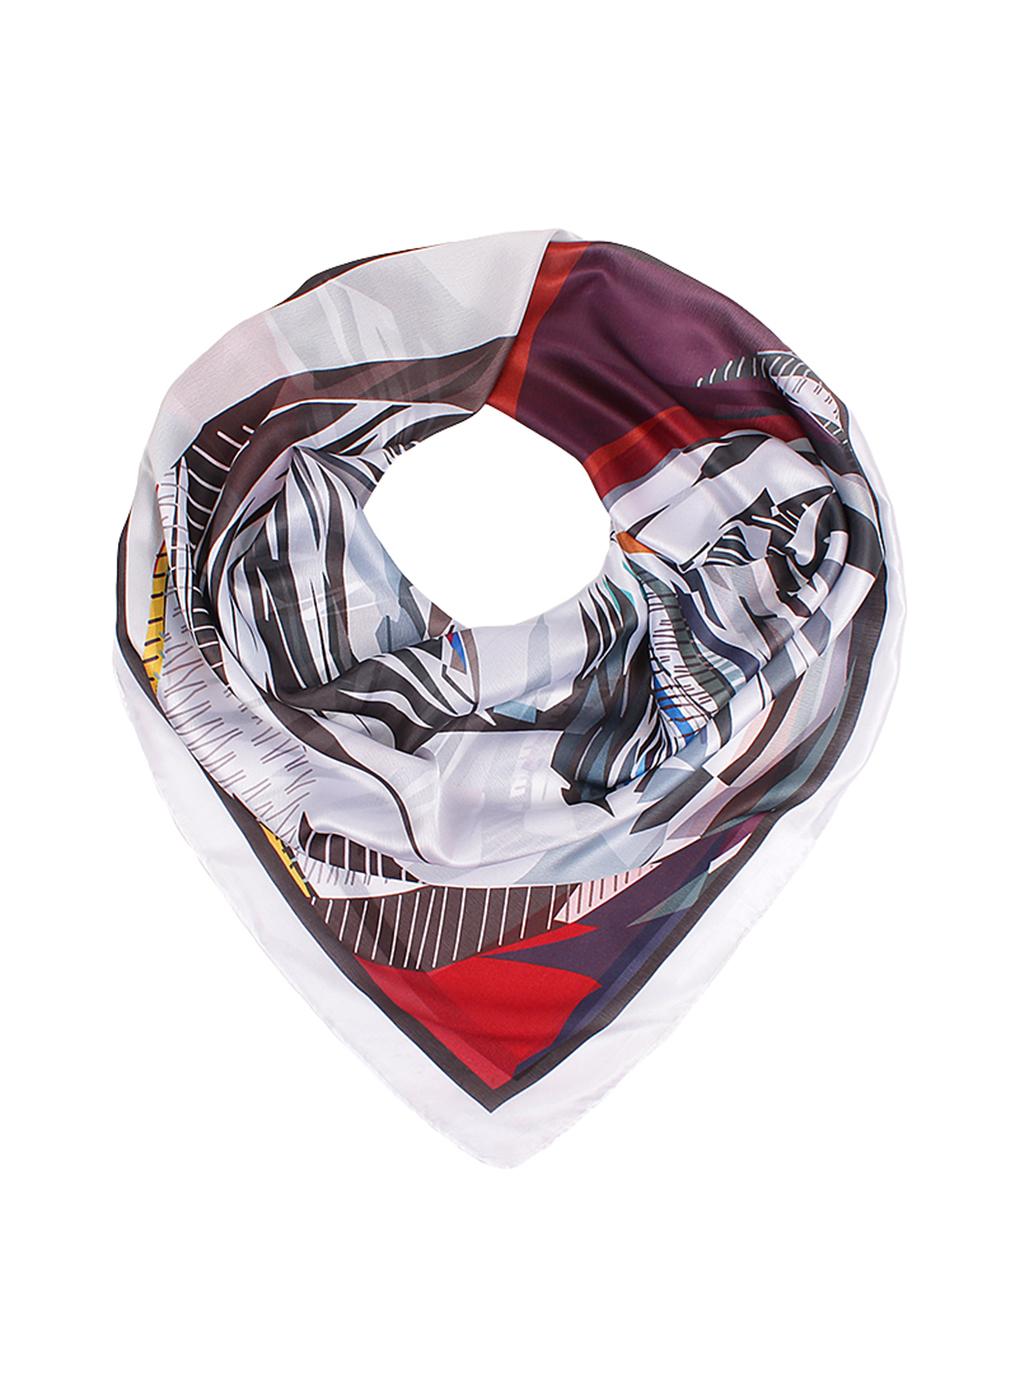 Платок из текстиля 72, Lorentino фото